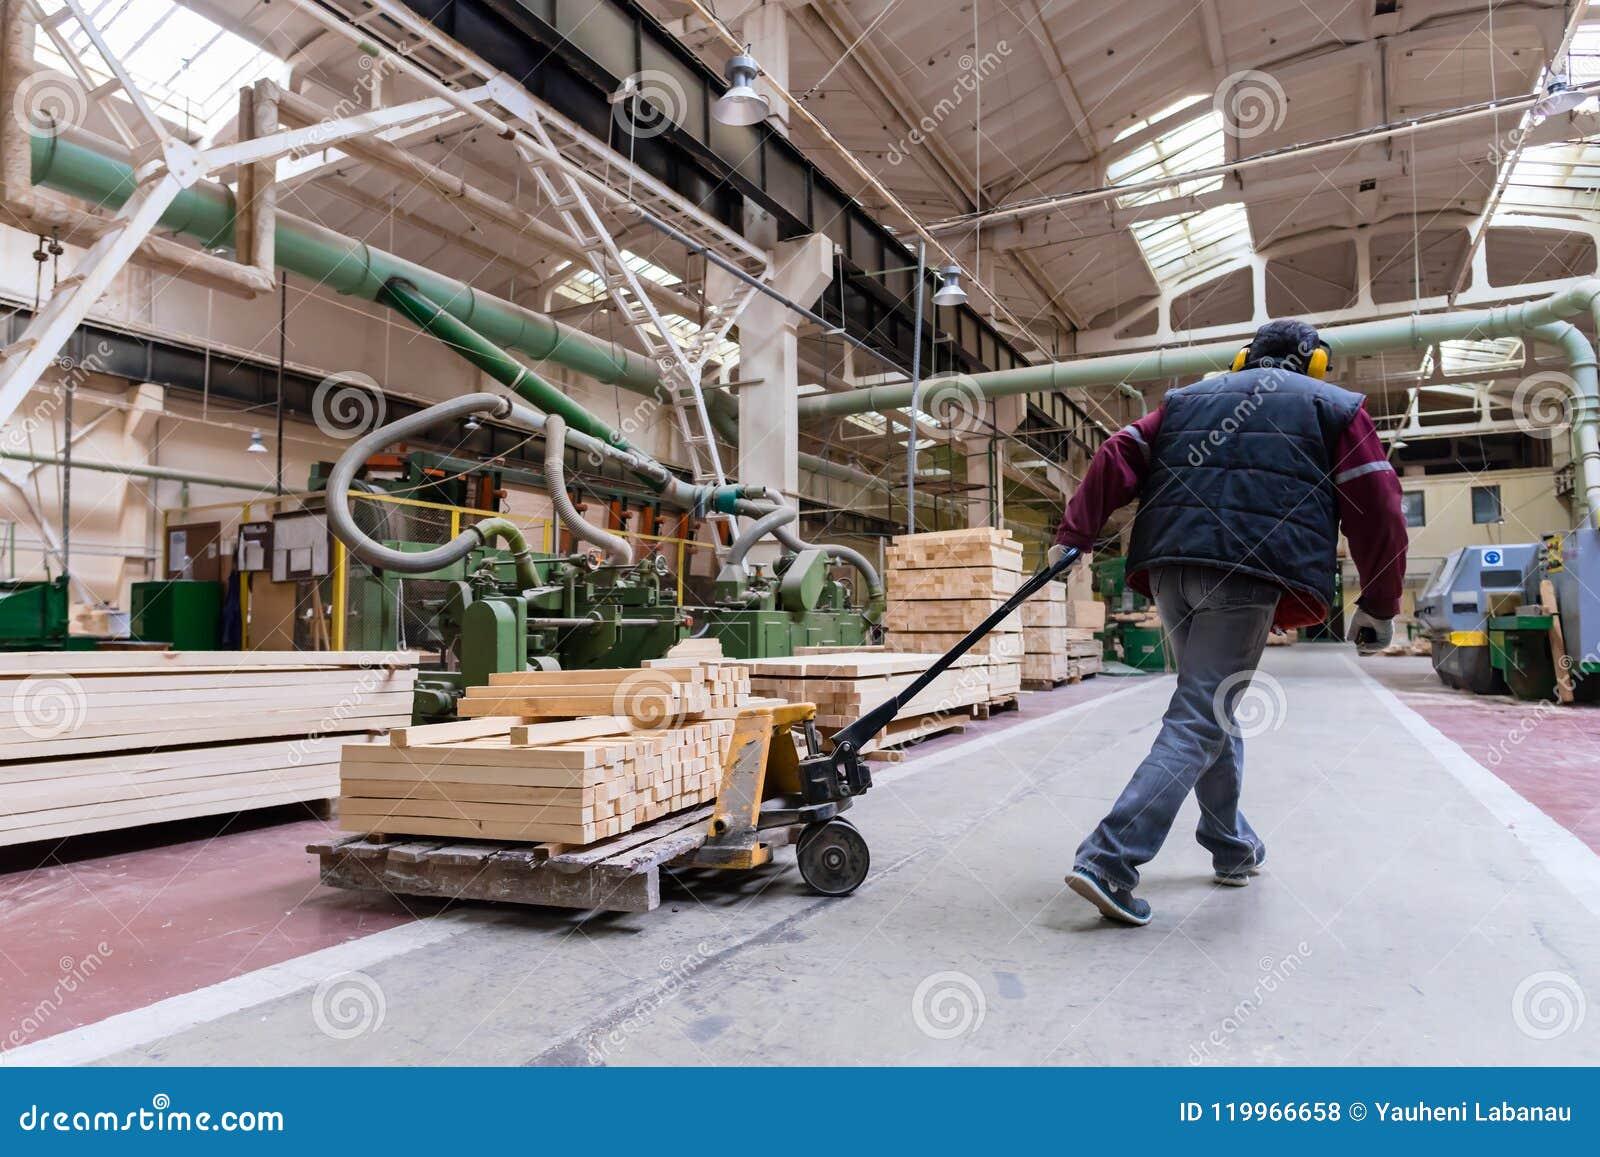 Складируйте работник двигая деревянные доски, фабрику обработки древесины